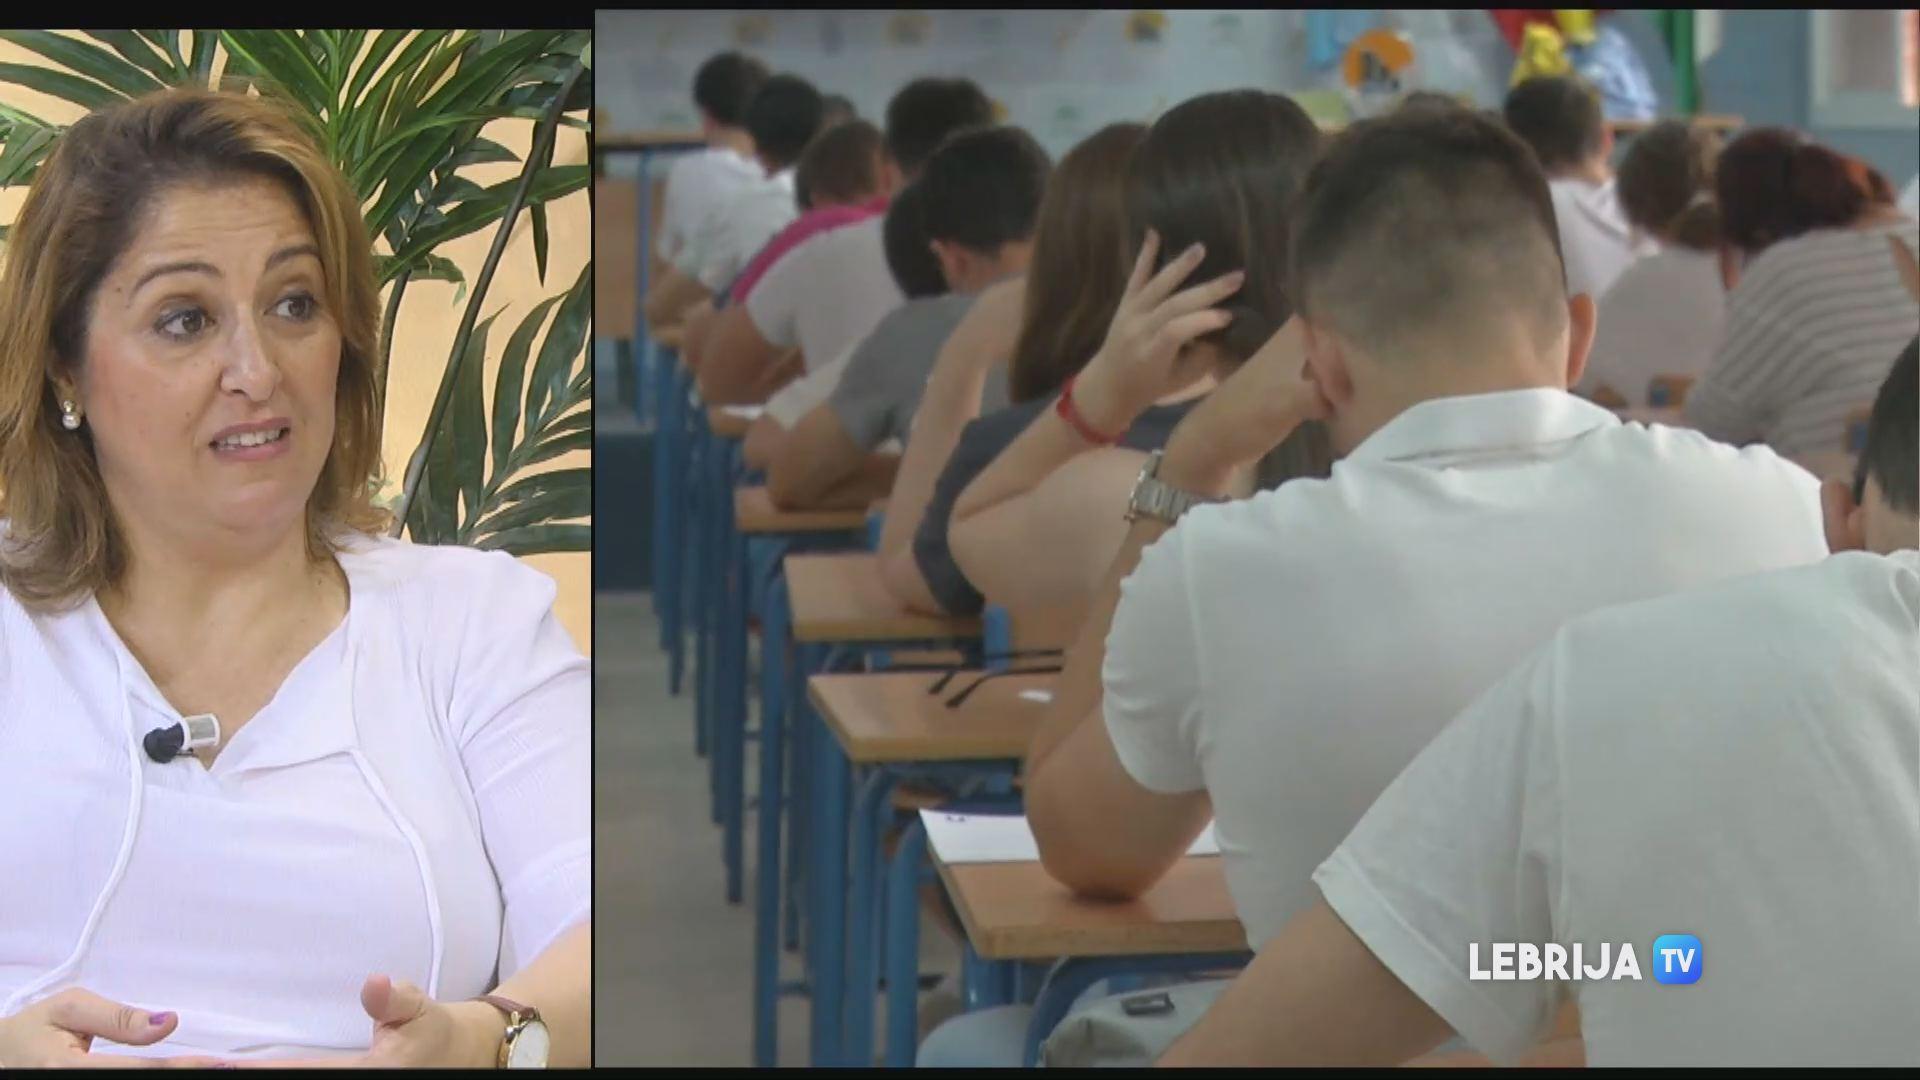 T cnicas estudio lebrija tv - Estudio victoria lebrija ...